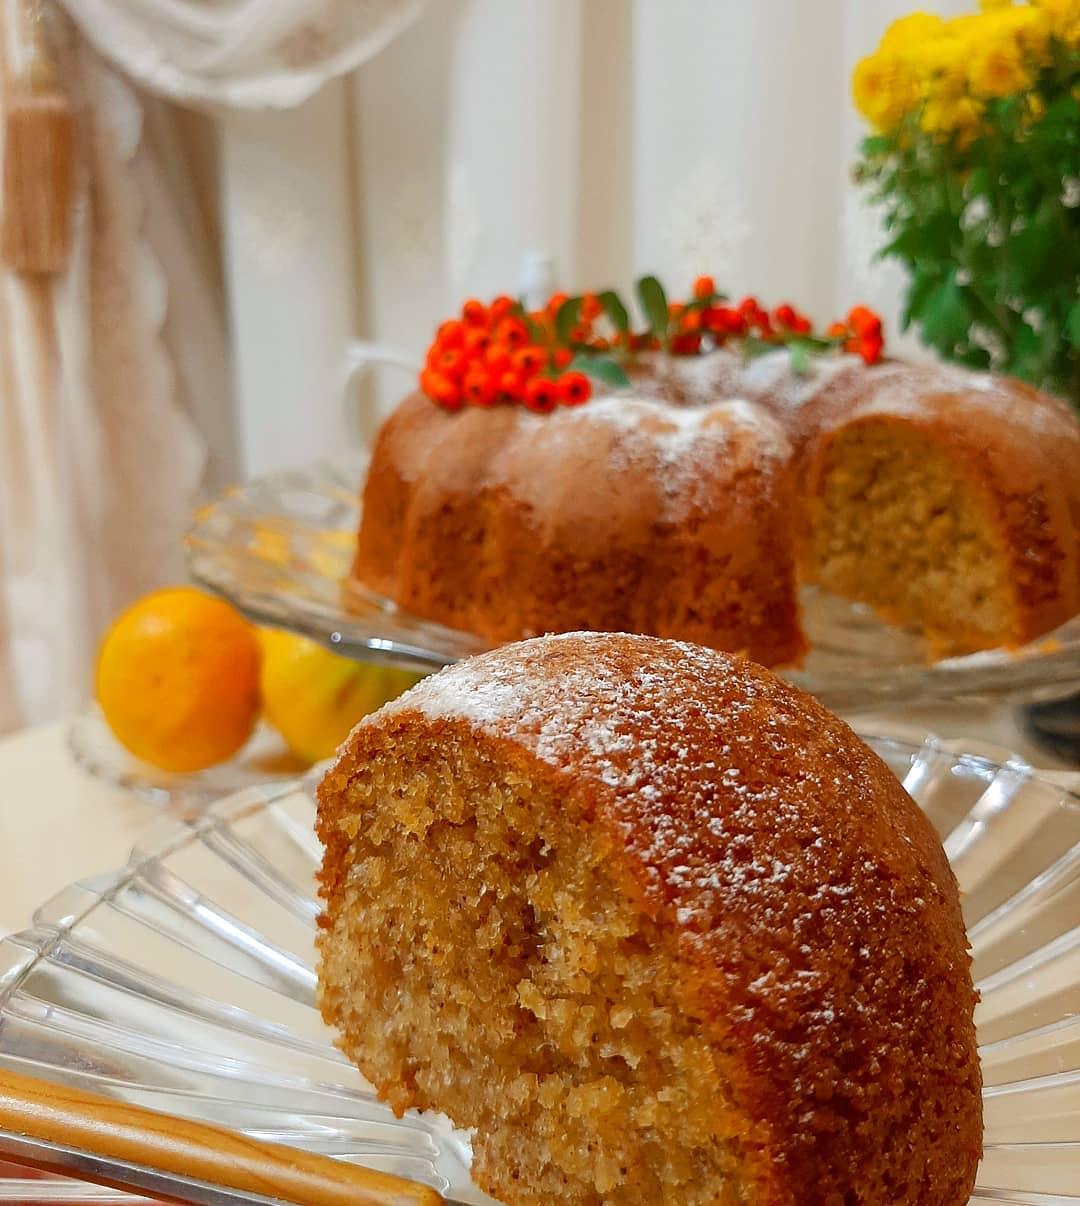 طرز تهیه کیک یک تخم مرغی ساده و خوشمزه و پف زیاد با یک لیوان آرد